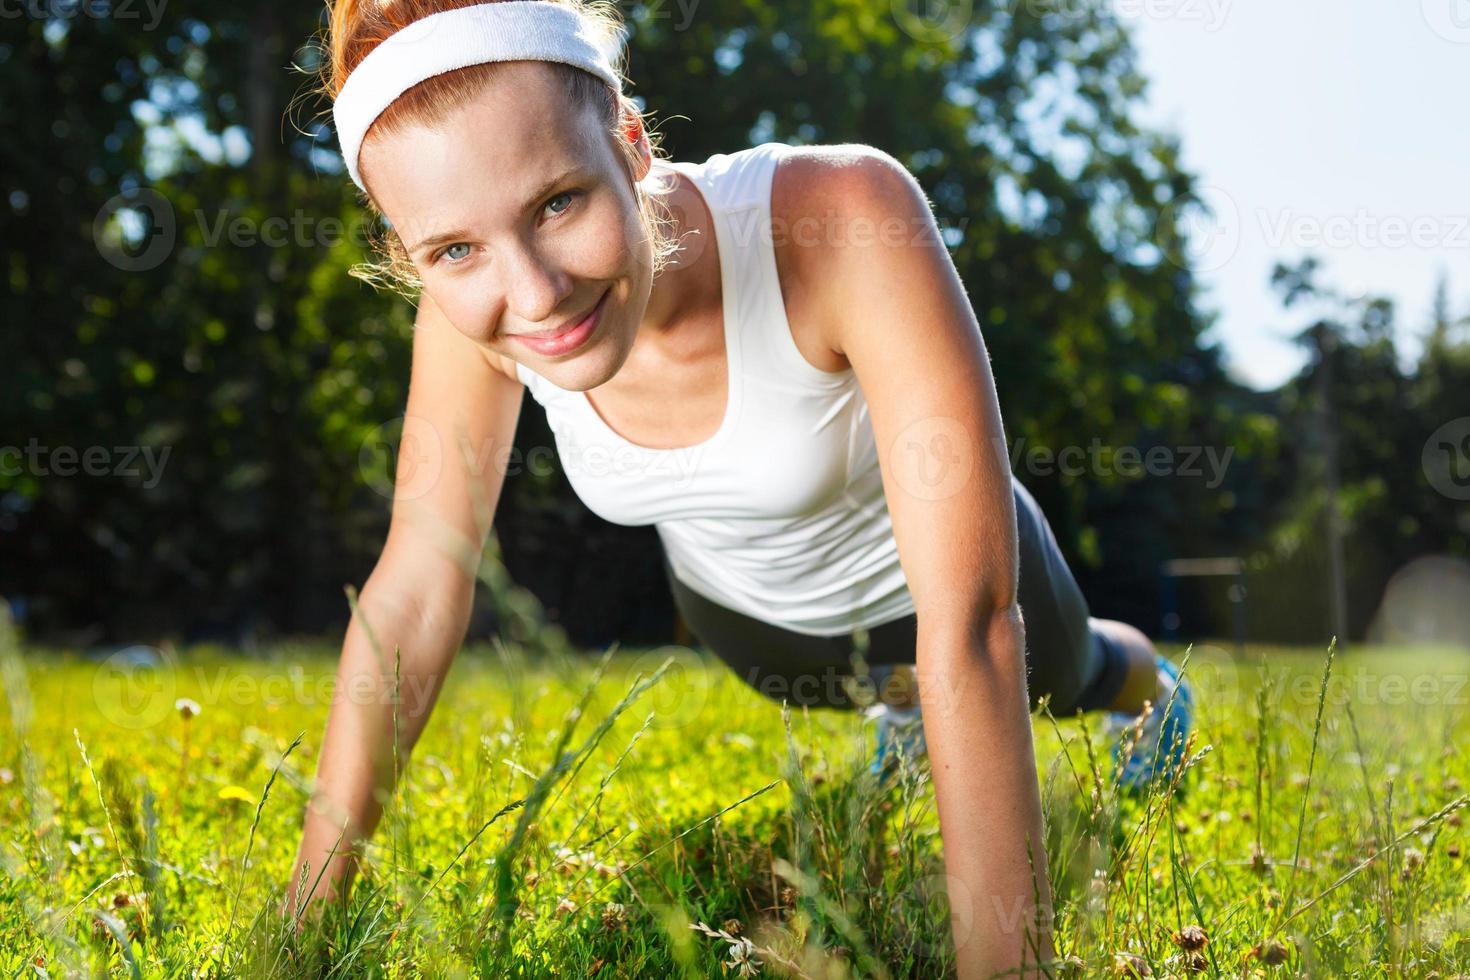 jonge vrouw doet push-ups op groen gras. foto